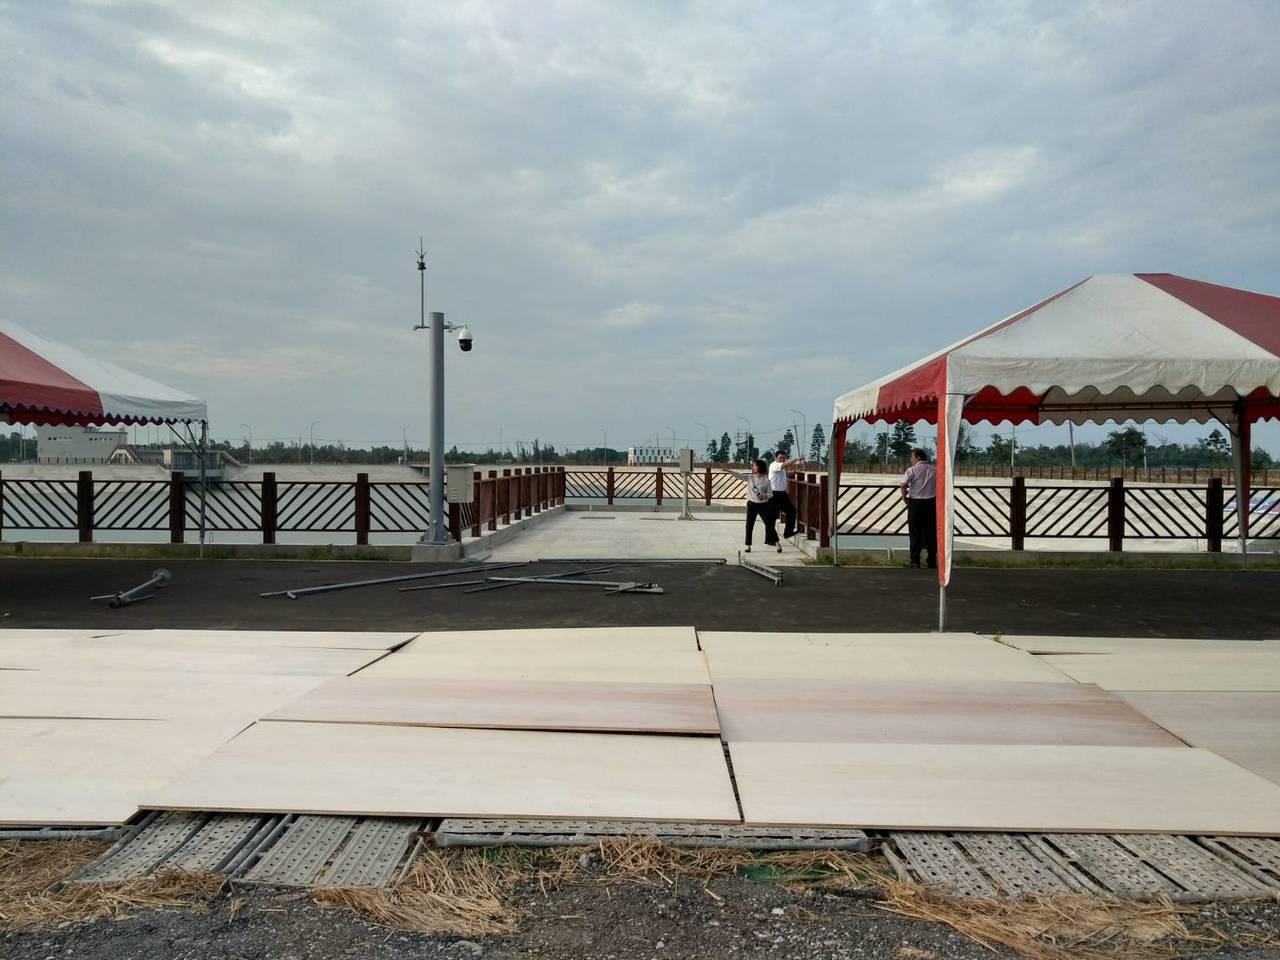 兩岸通水進入倒數,田埔水庫受水池的會場正在進行最後的整備作業。 記者蔡家蓁/攝影